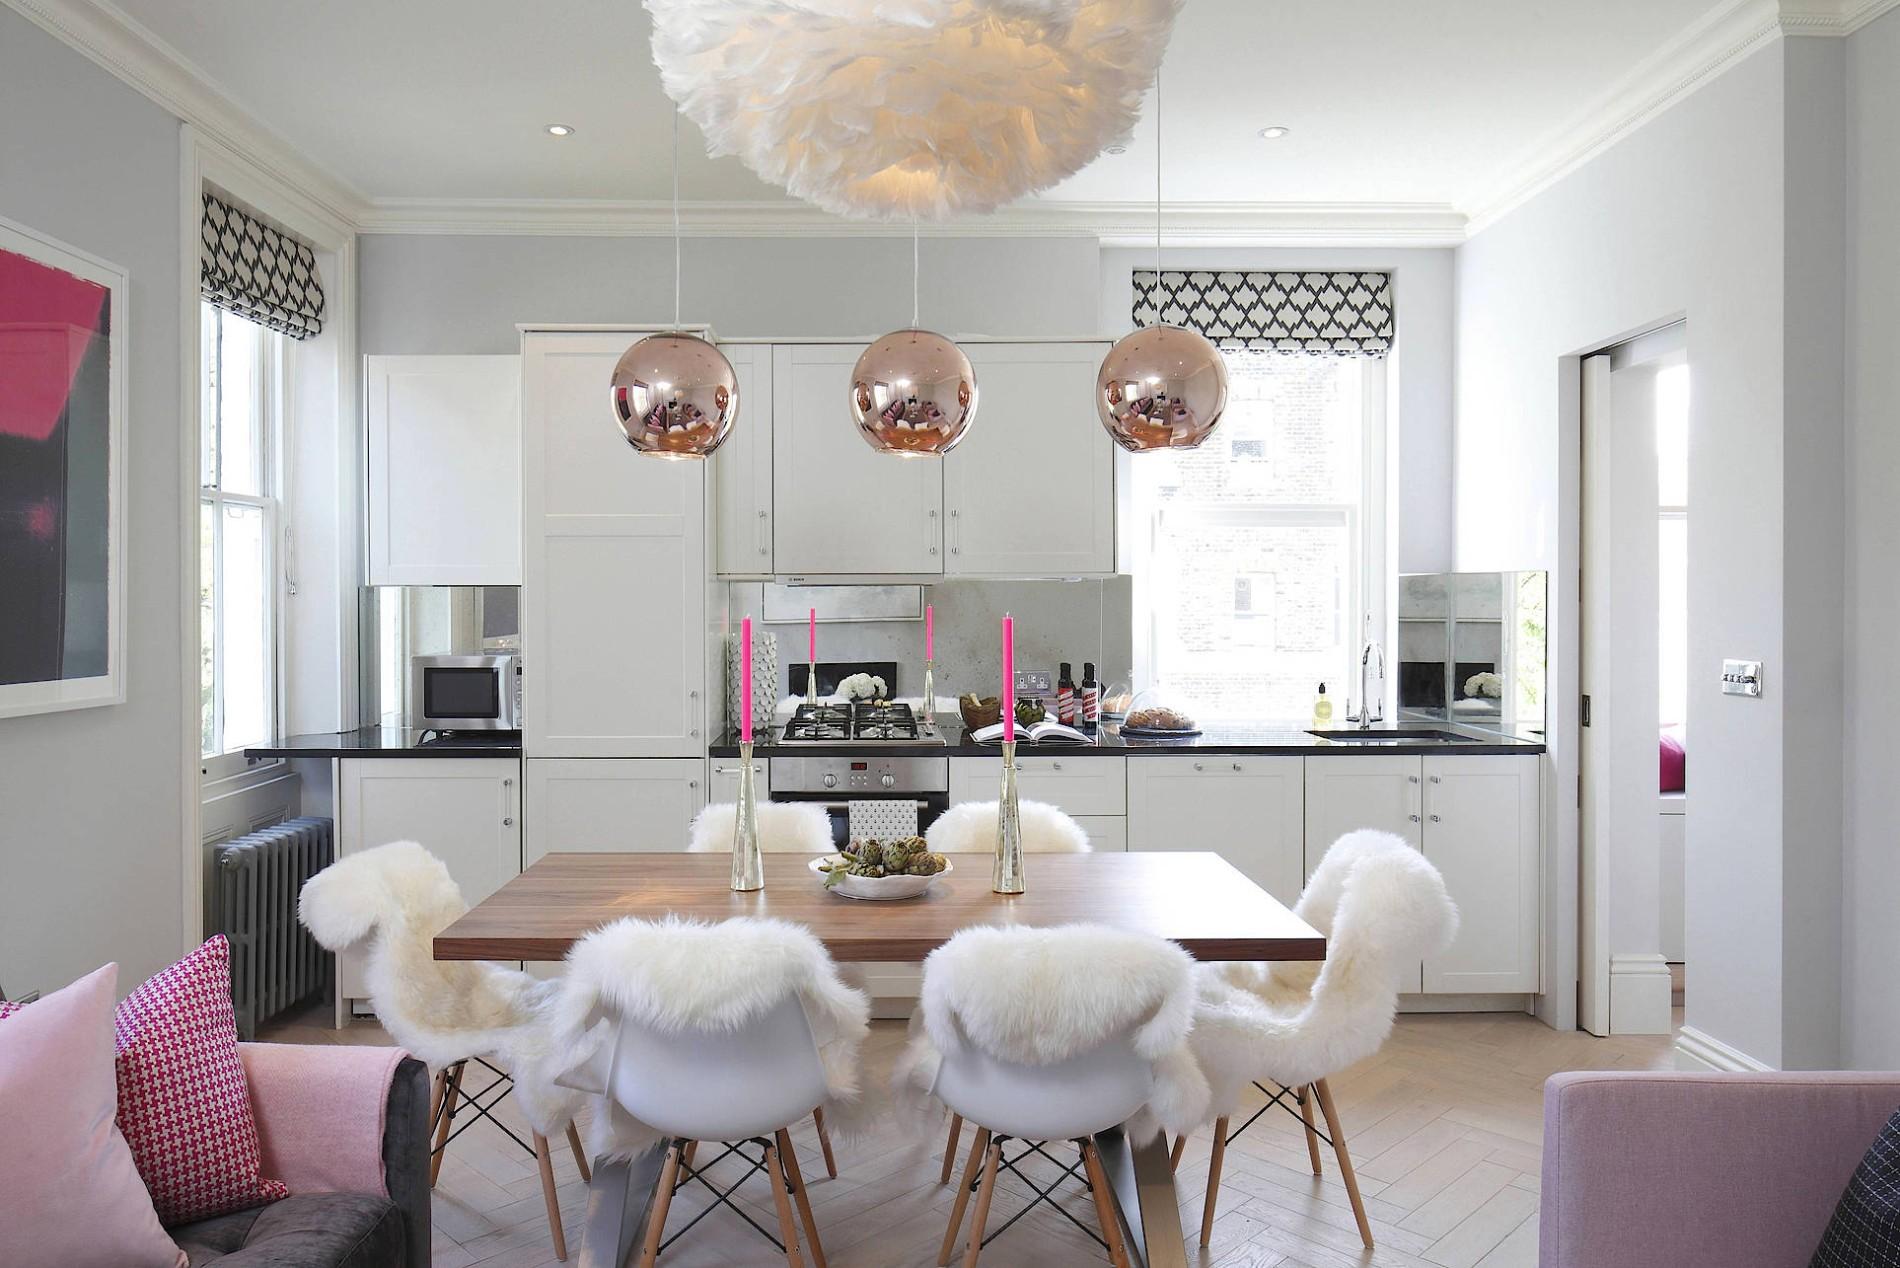 Tipps von der Home Stagerin - So kommt Ordnung in die Wohnung